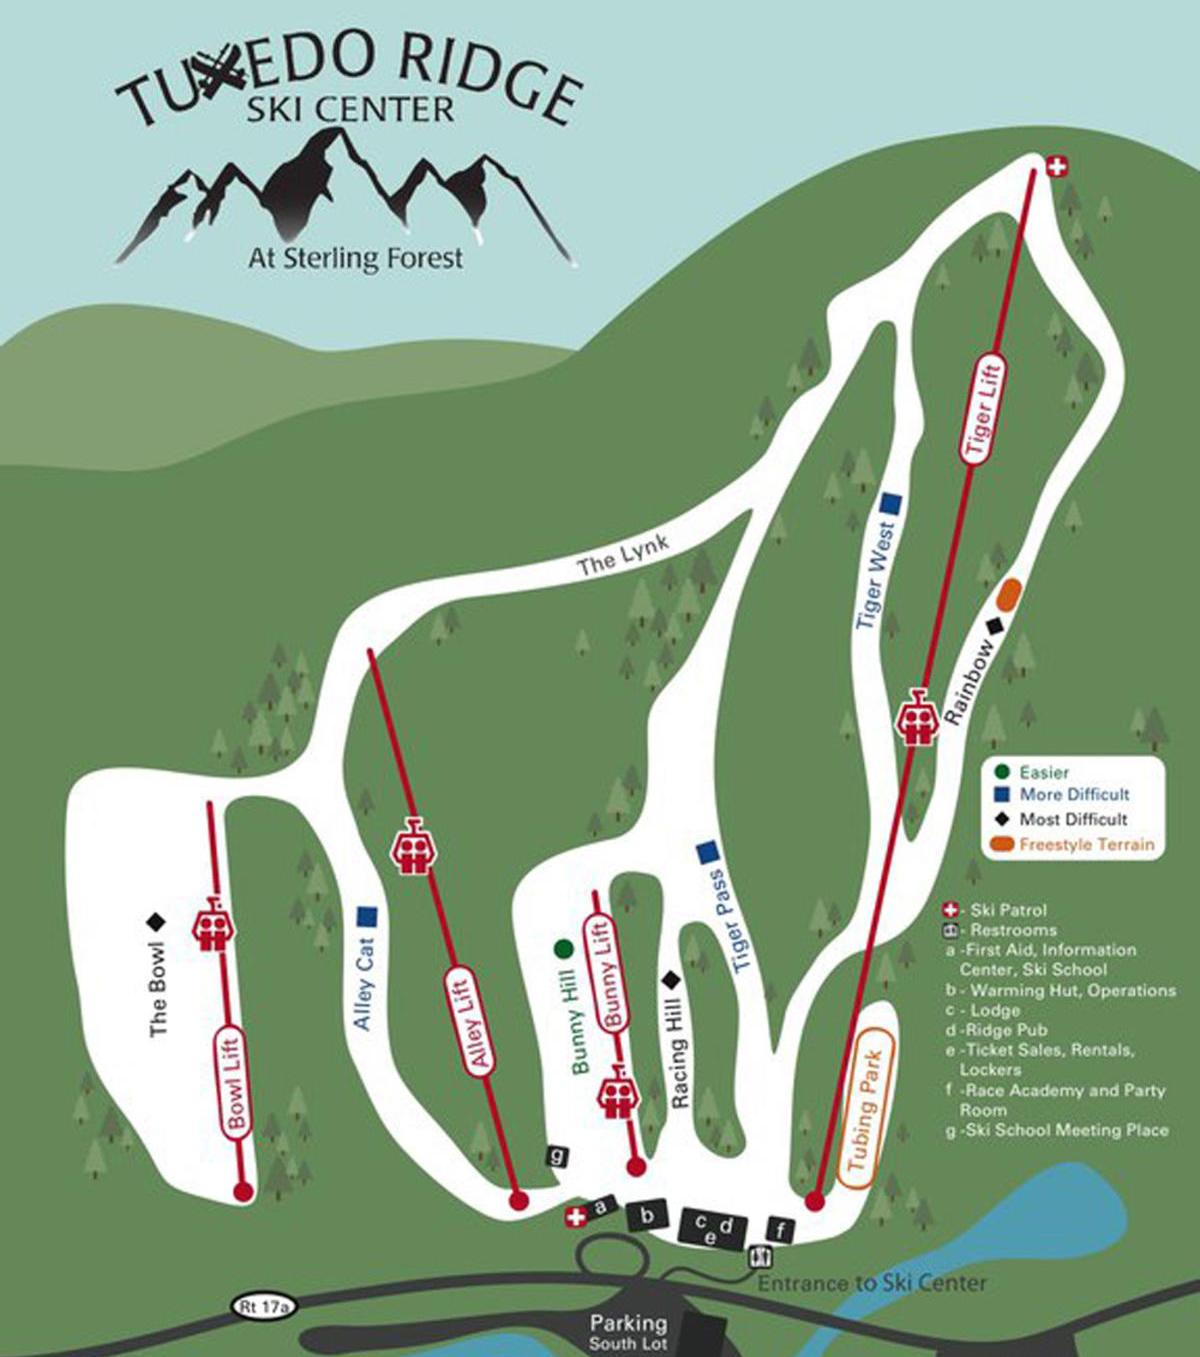 tuxedo-ridge-trail-map